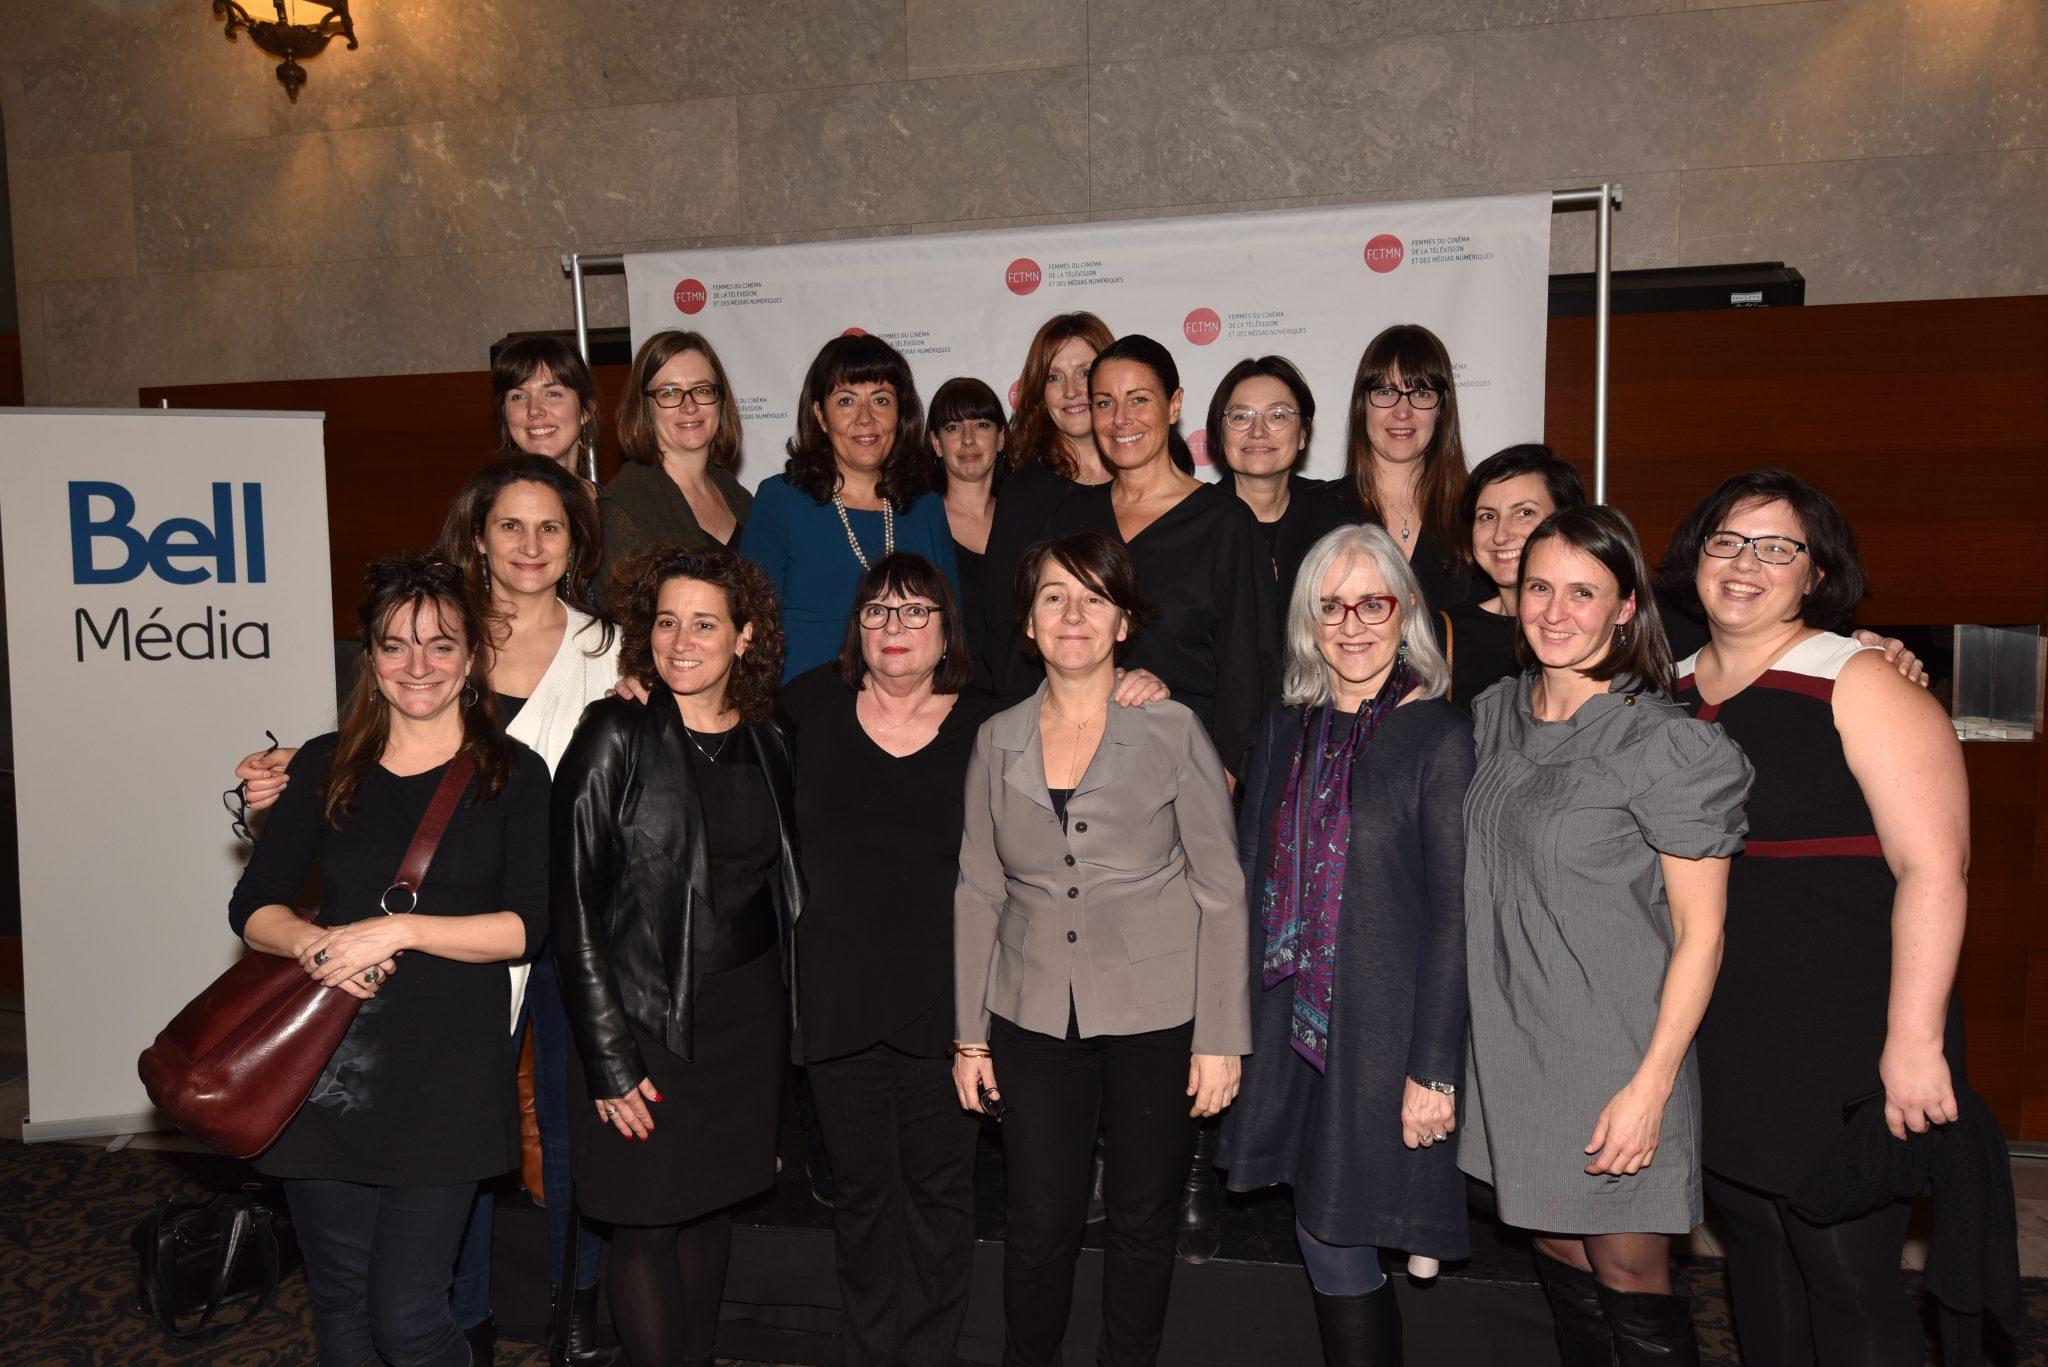 SODEC - La parité des genres d'ici 2020